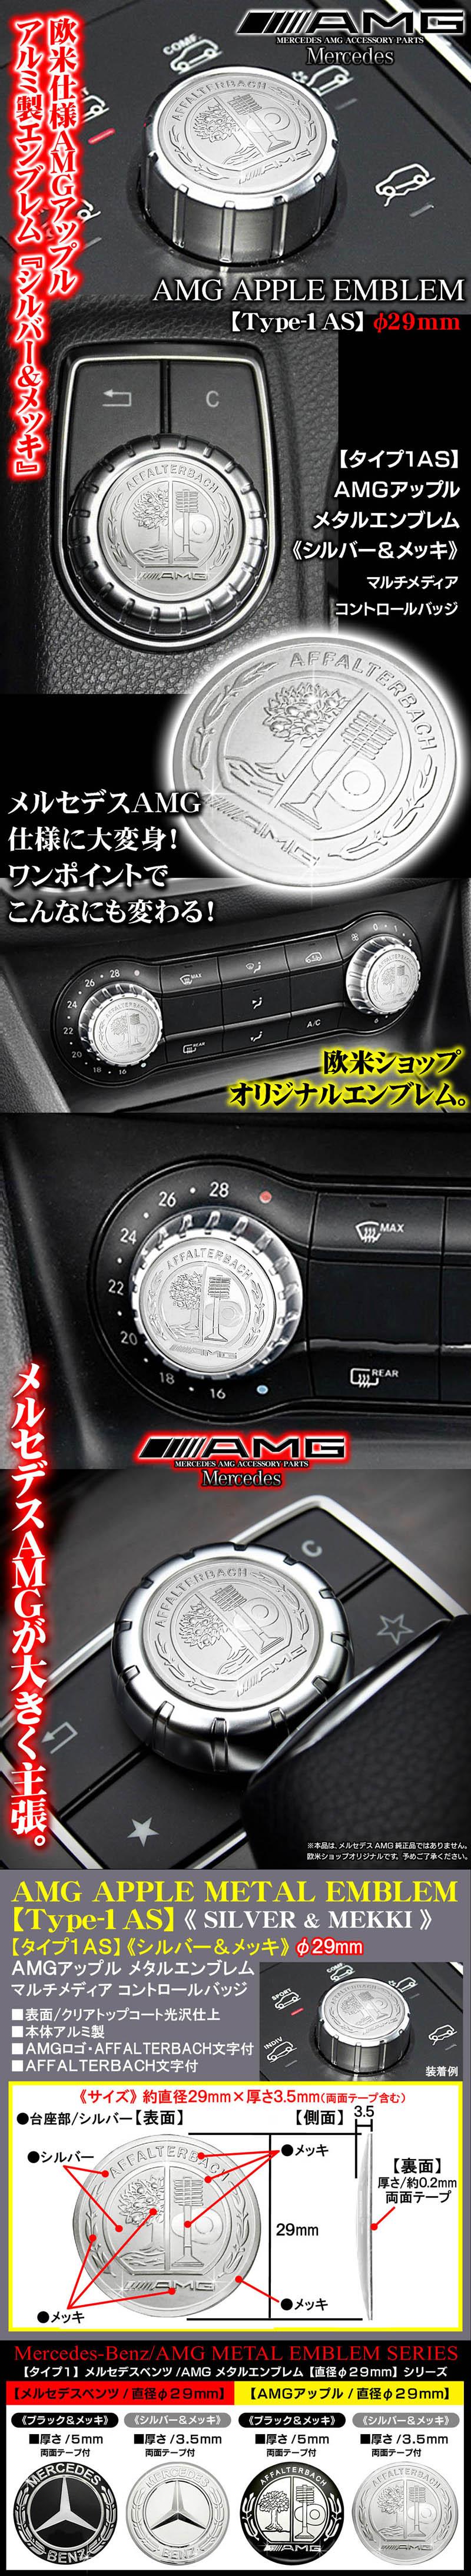 タイプ1AS/1P[AMGアップルΦ29mm/1個]シルバー&メッキ[メルセデスベンツ/アルミ製3Dエンブレム/両面テープ止め]各種マルチメディア コントロールノブ部用バッジ/ブラガ